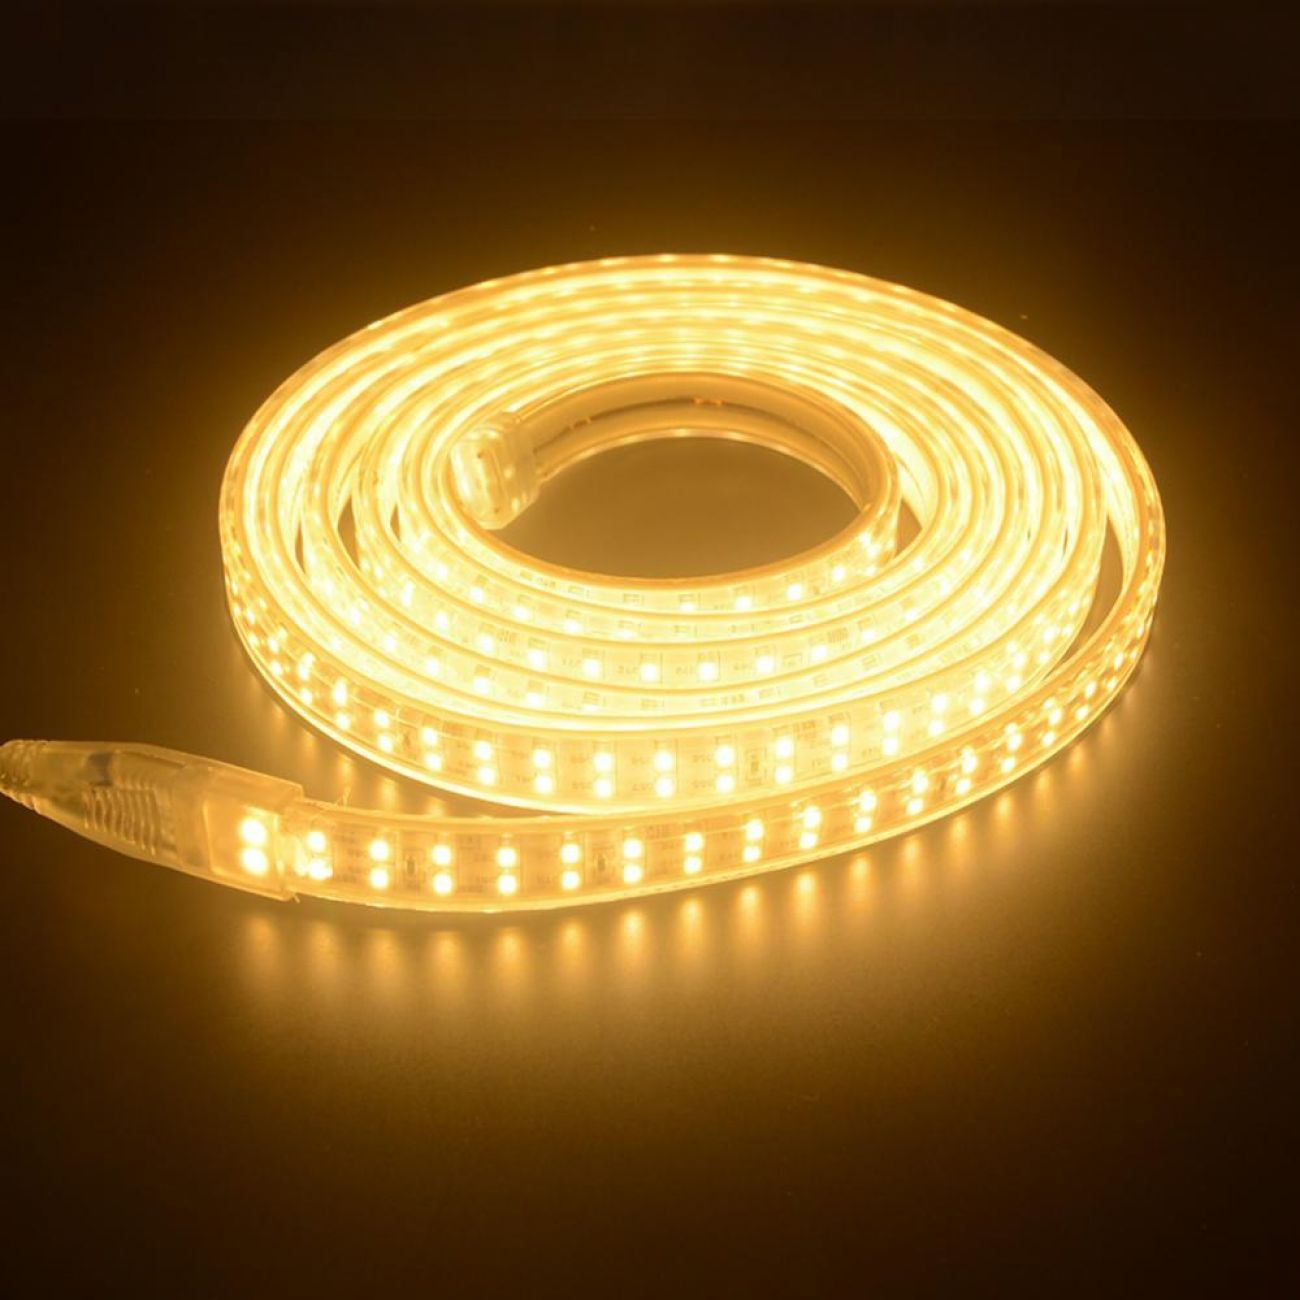 ĐÈN LED DÂY 5050 TRANG TRÍ RGB - ĐÈN LED DÂY CHIẾU SÁNG